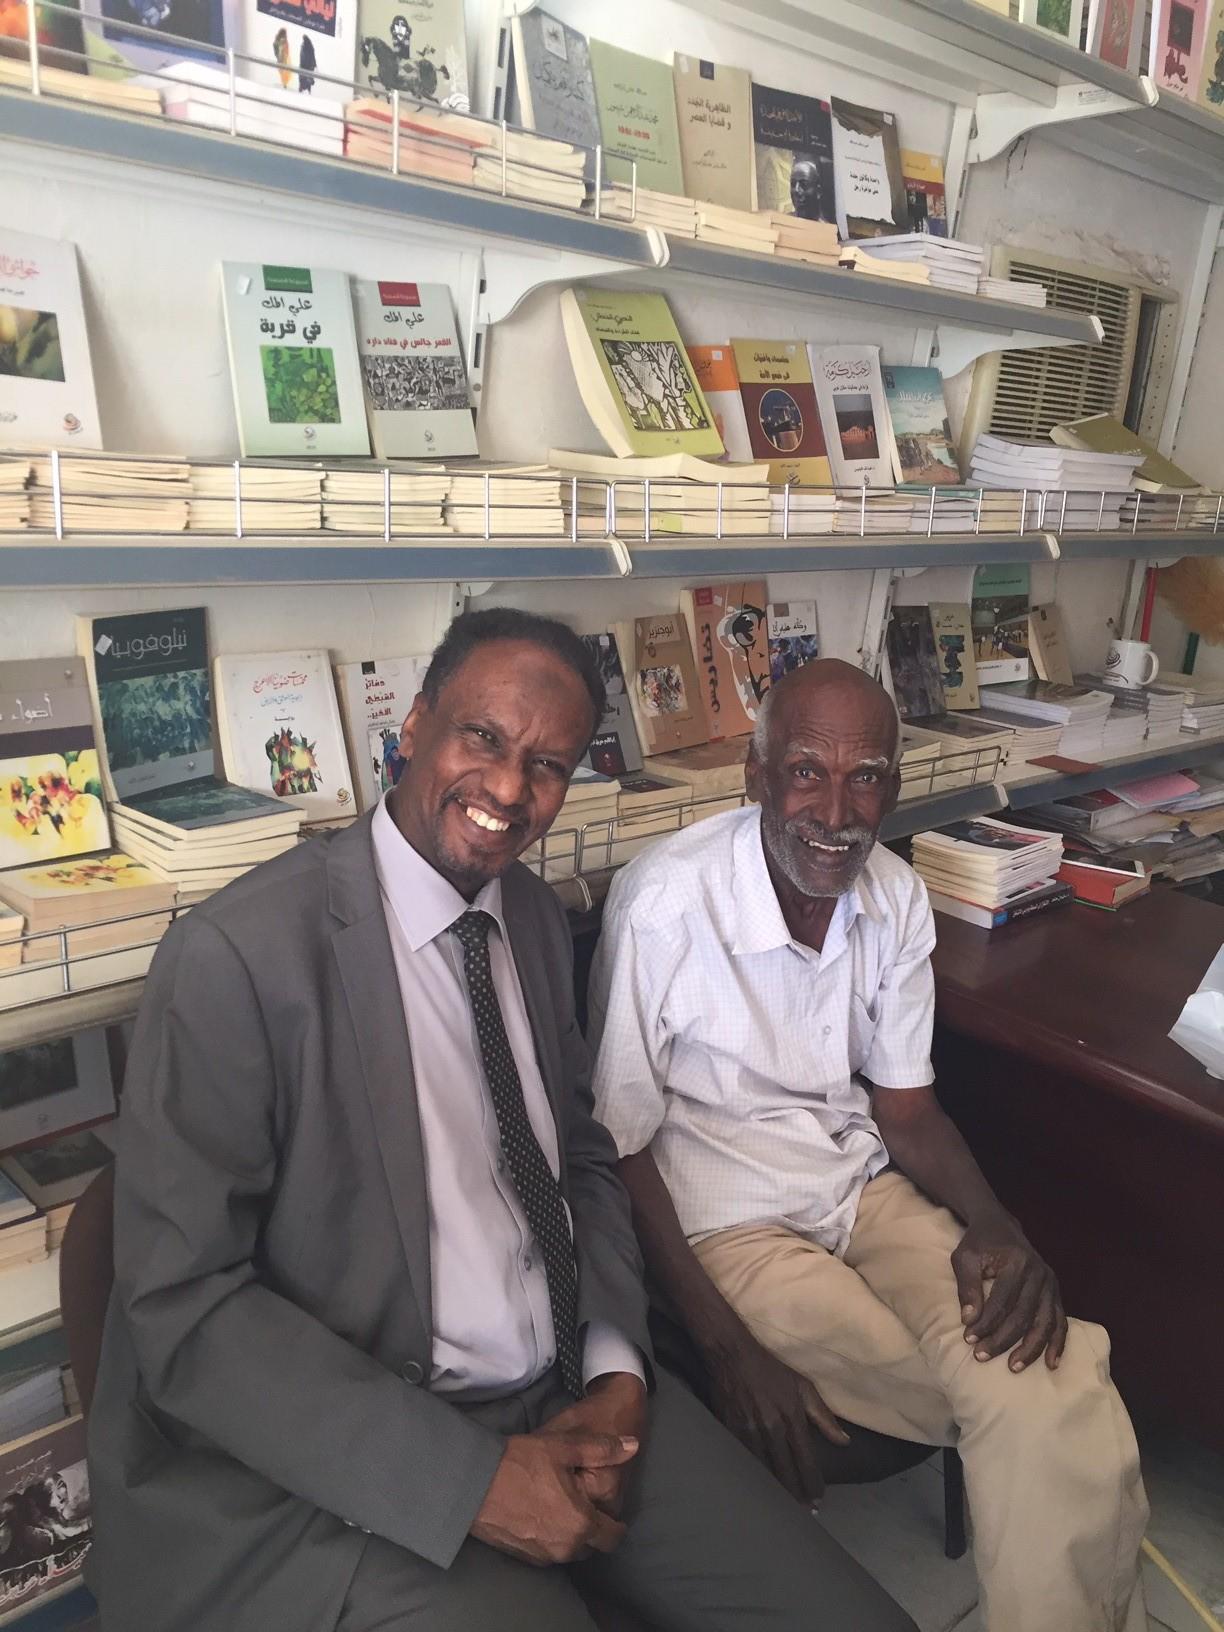 رأي الدكتور موسى الخليفة حول رواية أنفاس صليحة